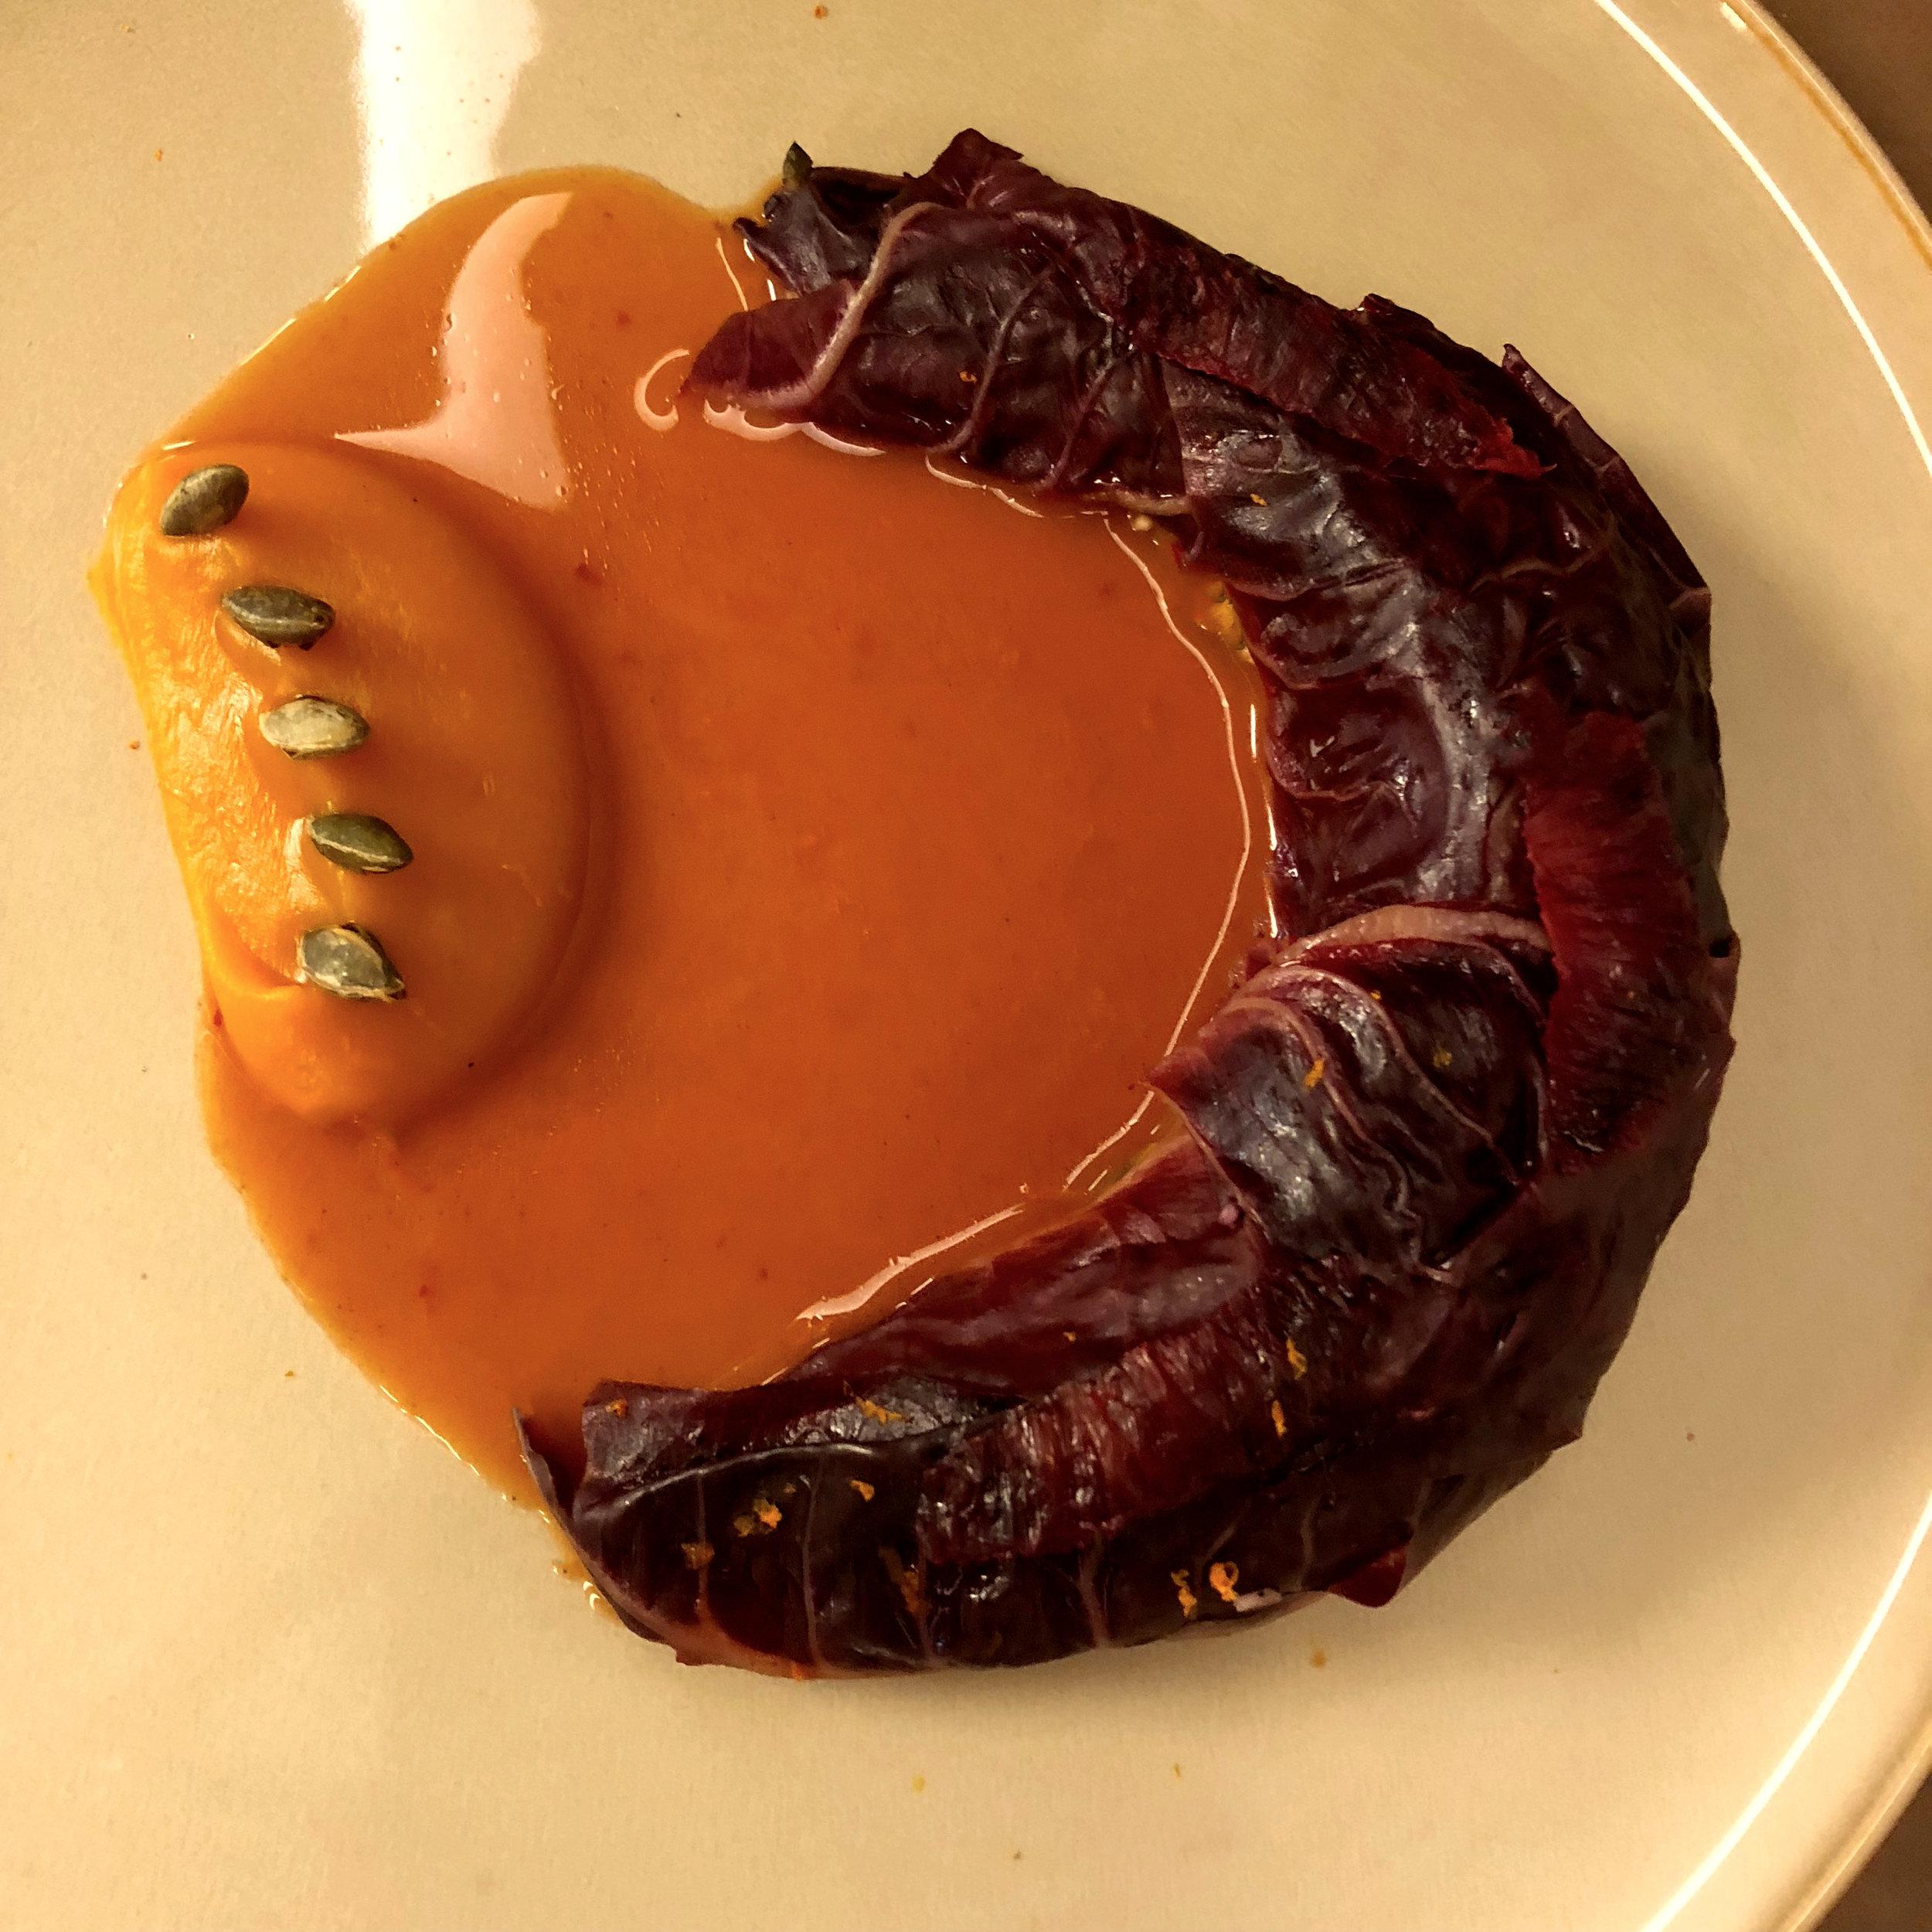 Cuisine traditionnelle et de saison, réinterprétée avec maestria...